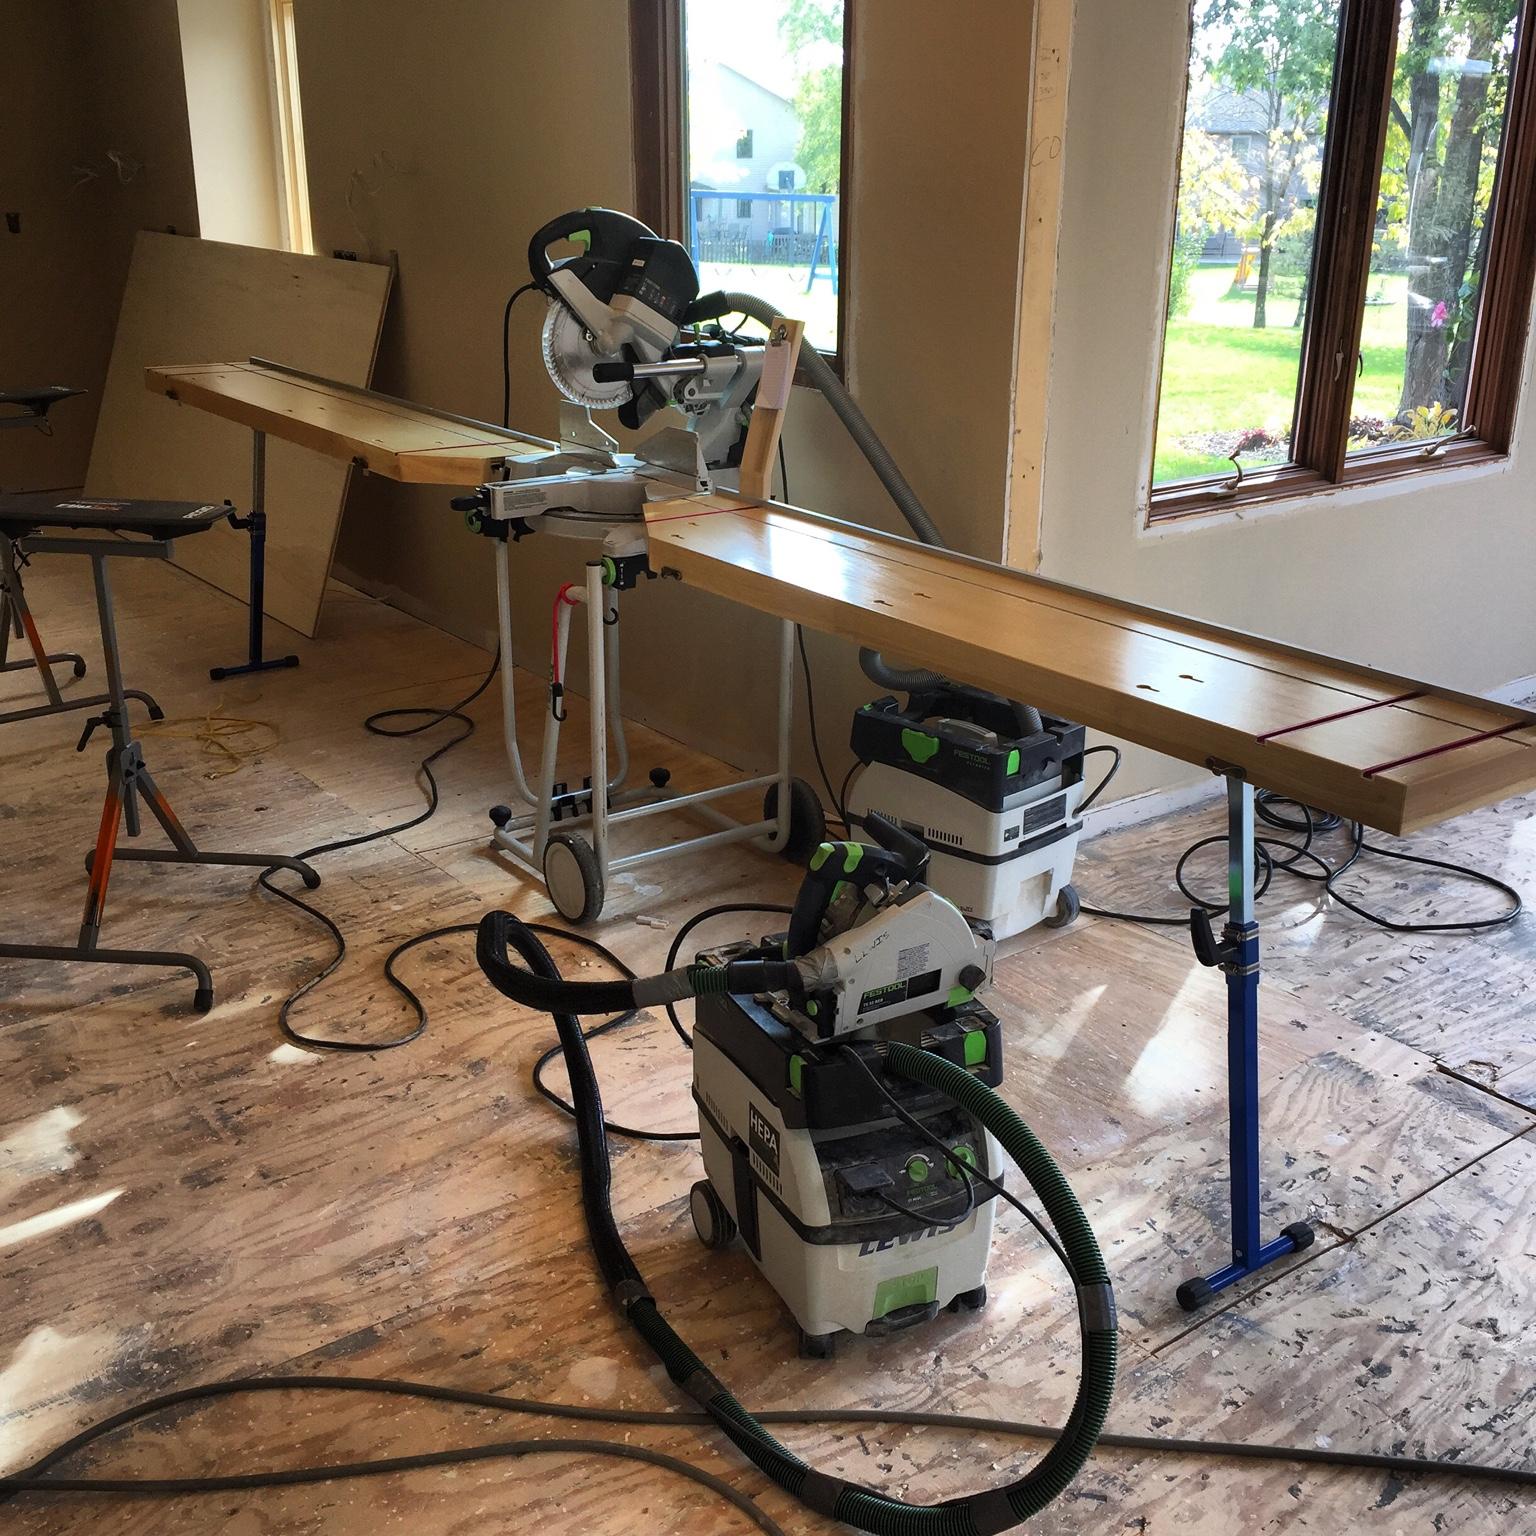 kapex ks 120 miter saw tools equipment contractor talk. Black Bedroom Furniture Sets. Home Design Ideas